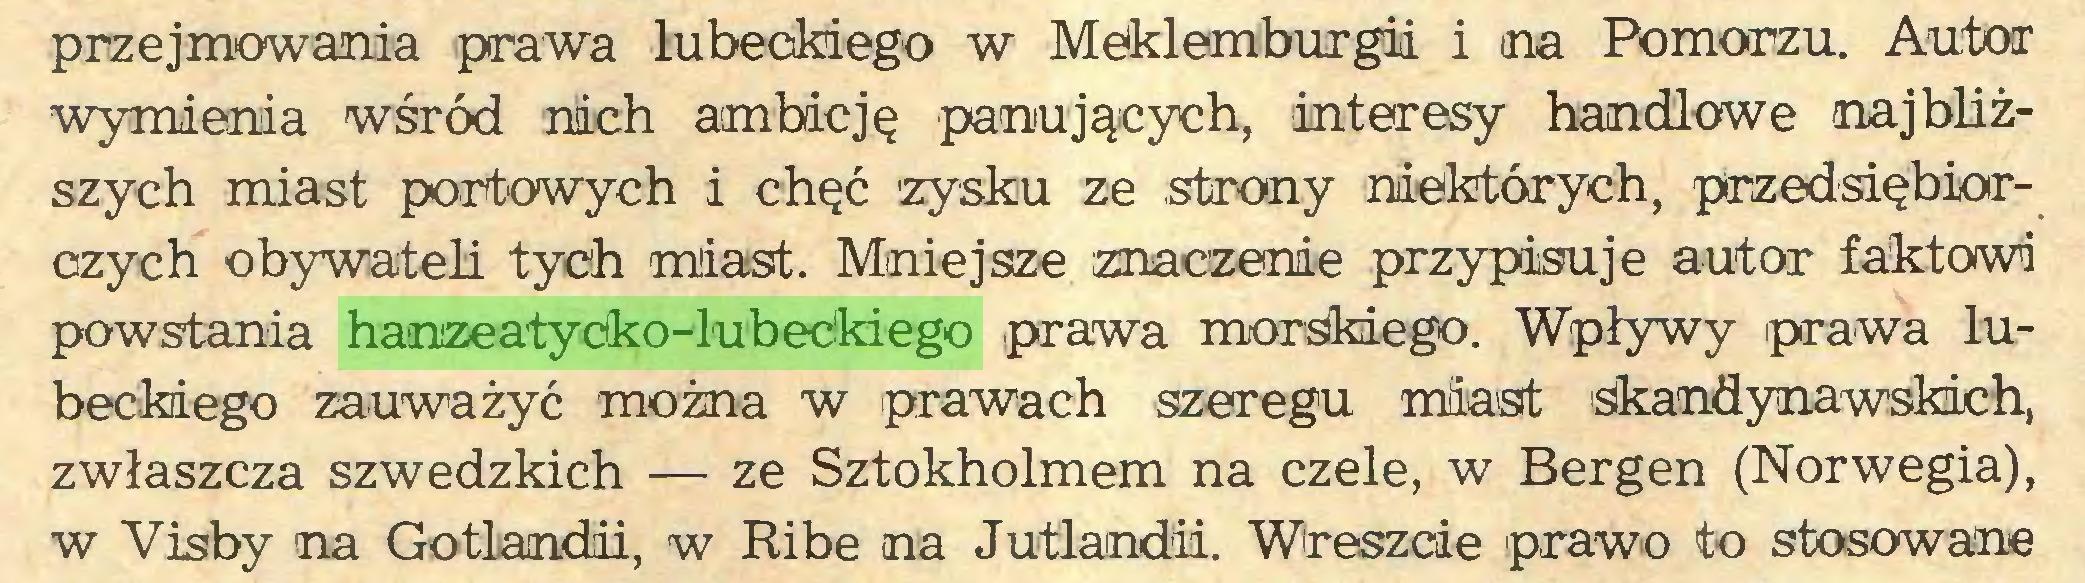 (...) przejmowania prawa lubeckiego w Meklemburgii i na Pomorzu. Autor wymienia wśród nich ambicję panujących, interesy handlowe najbliższych miast portowych i chęć 'zysku ze strony niektórych, przedsiębiorczych obywateli tych miast. Mniejsze znaczenie przypisuje autor faktowi powstania hanzeatycko-lubeckiego prawa morskiego. Wpływy prawa lubeckiego zauważyć można w prawach szeregu miast skandynawskich, zwłaszcza szwedzkich — ze Sztokholmem na czele, w Bergen (Norwegia), w Visby na Gotlandii, w Ribe na Jutlandii. Wreszcie prawo to stosowane...